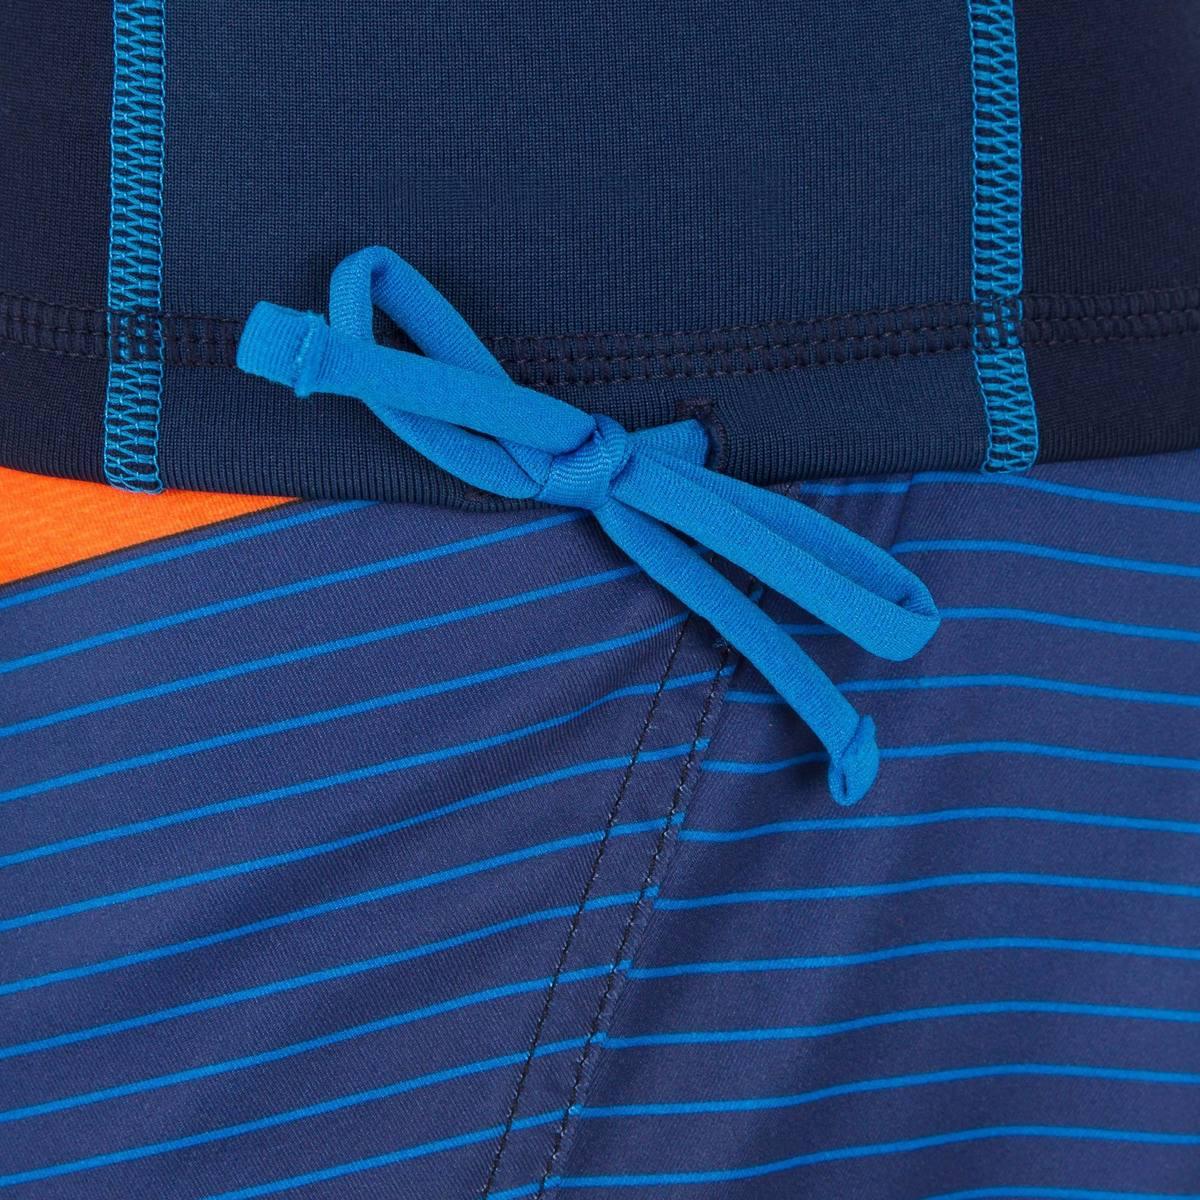 Bild 5 von Thermo-Shirt kurzarm UV-Schutz Fleece Kinder blau